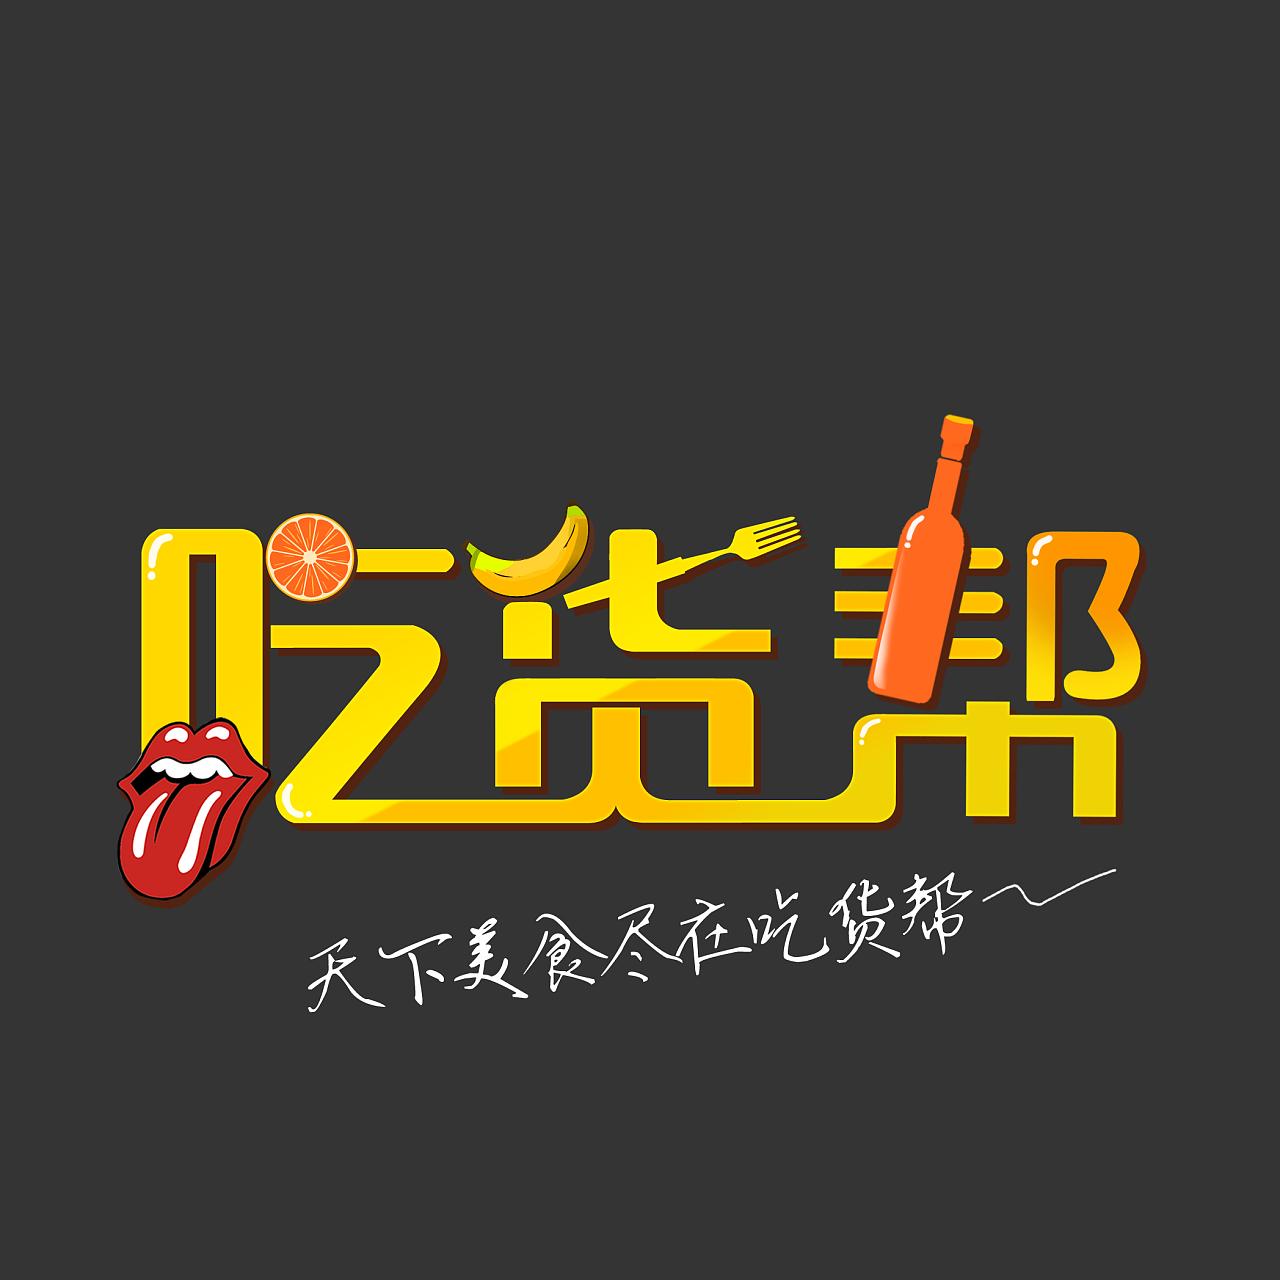 吃货帮logo|平面|标志|等待中的行走 - 原创作品图片